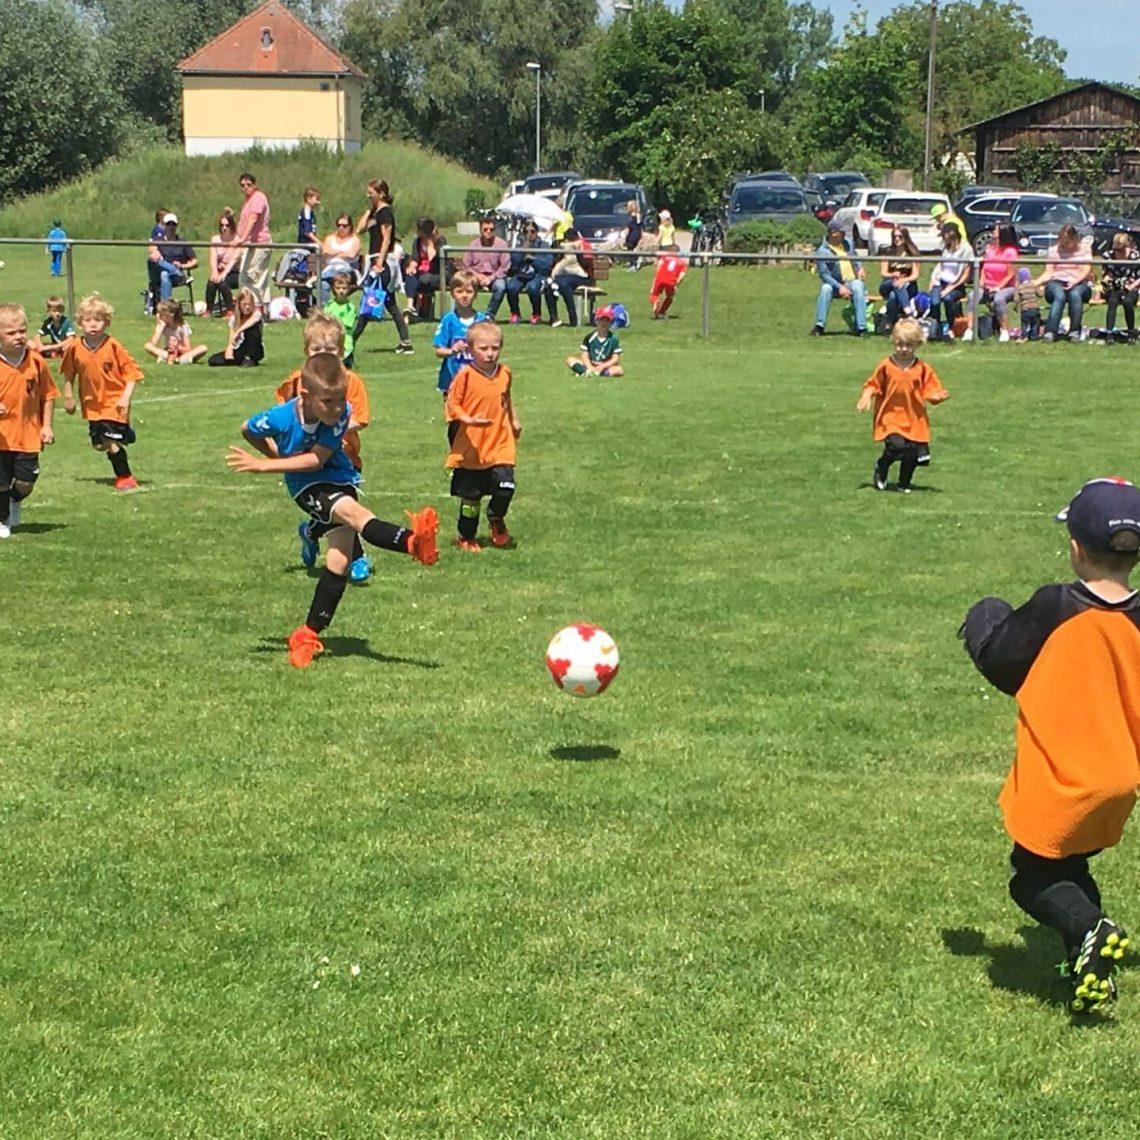 Blizz Leserreporter Fussballfest für Kinder beim SV Sallern